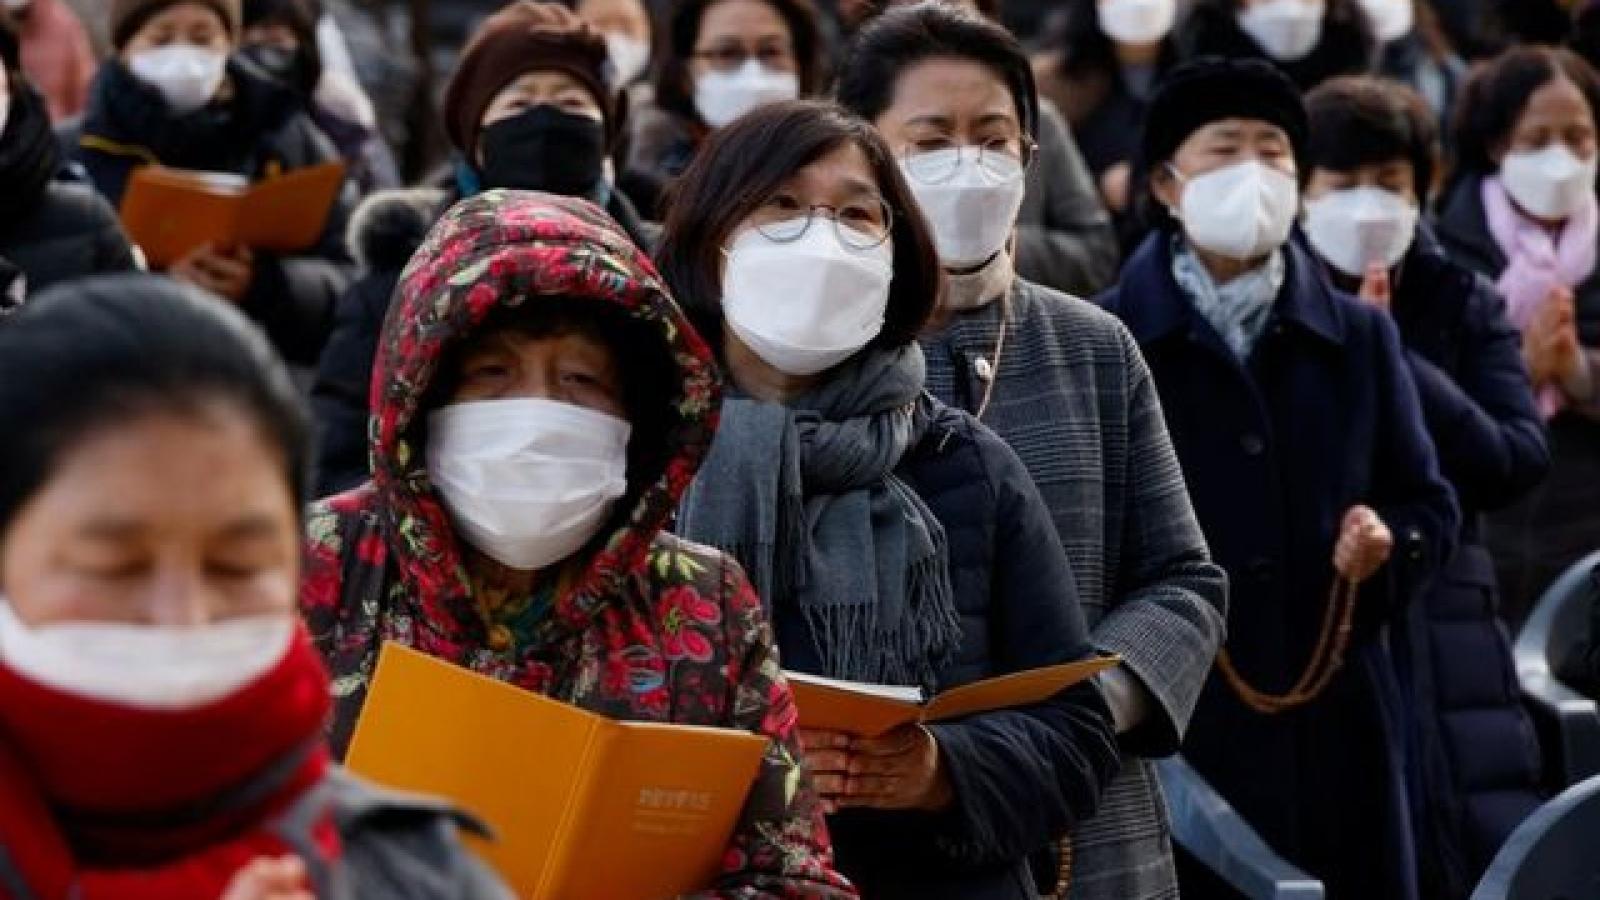 Covid-19 bùng phát mạnh, thủ đô Seoul và một số nơi ở Hàn Quốc cấm tụ tập trên 5 người